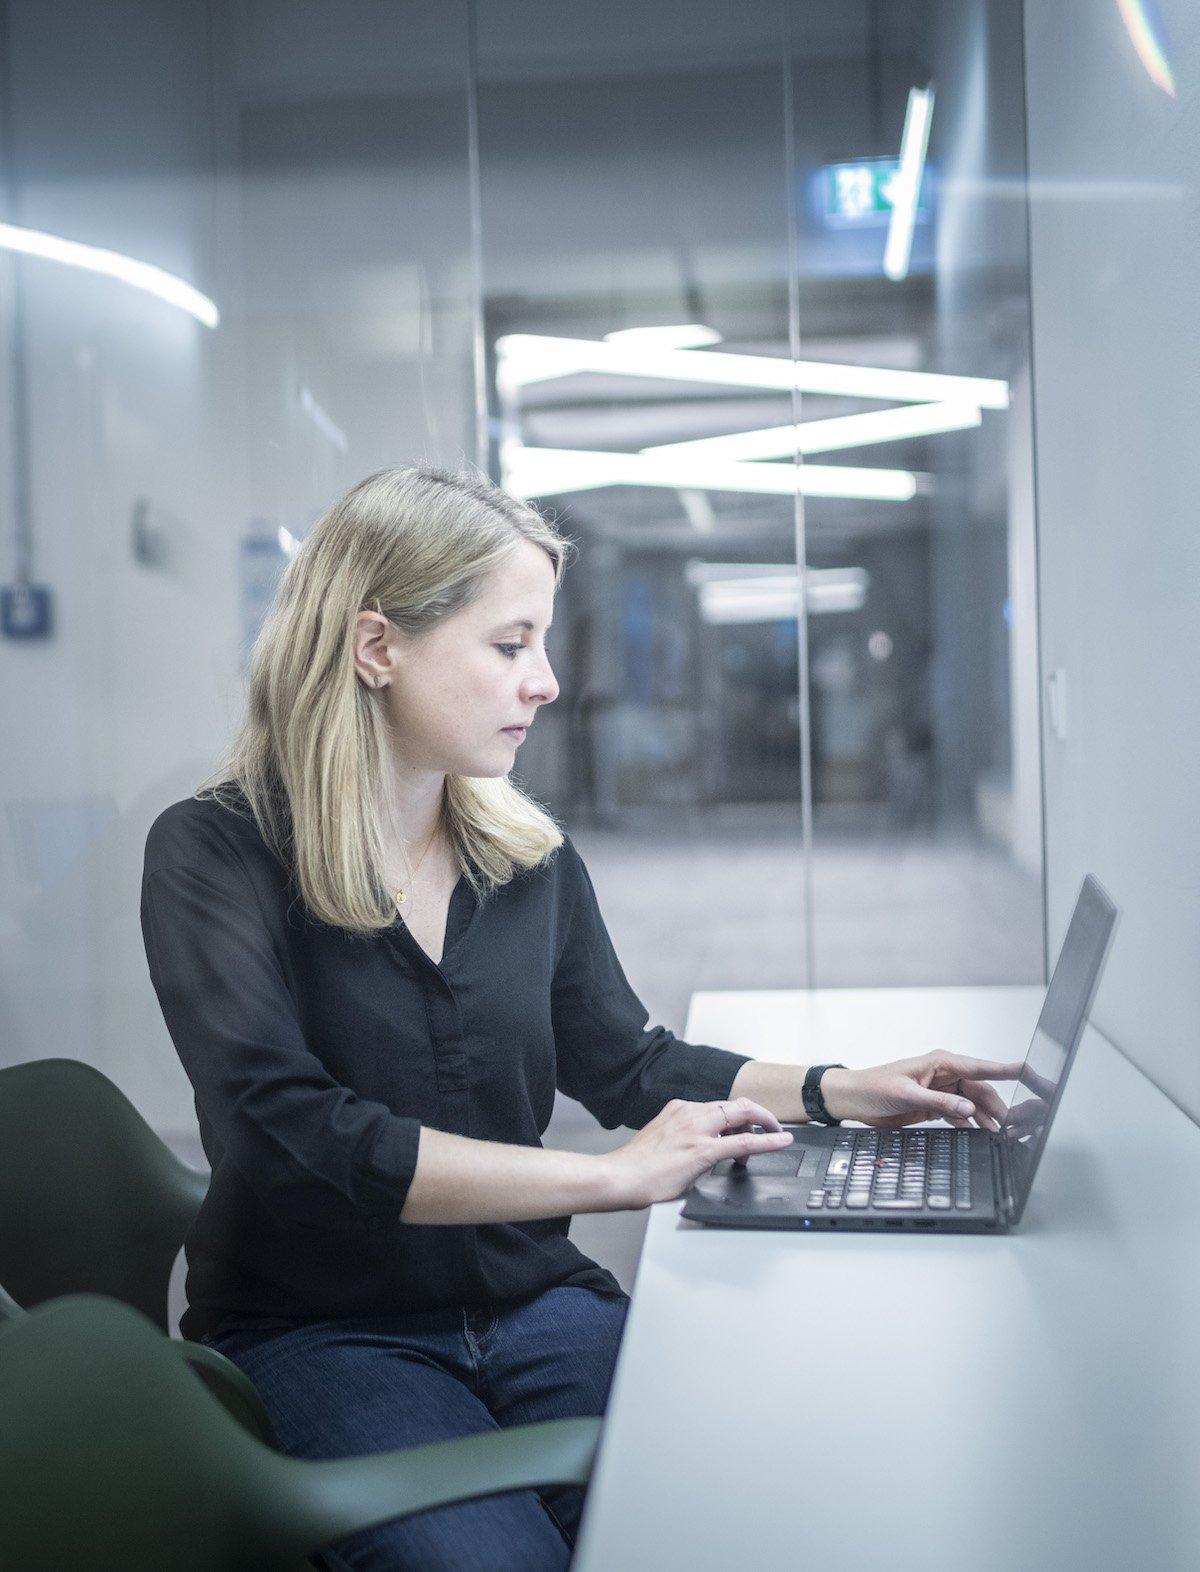 Verena am Computer